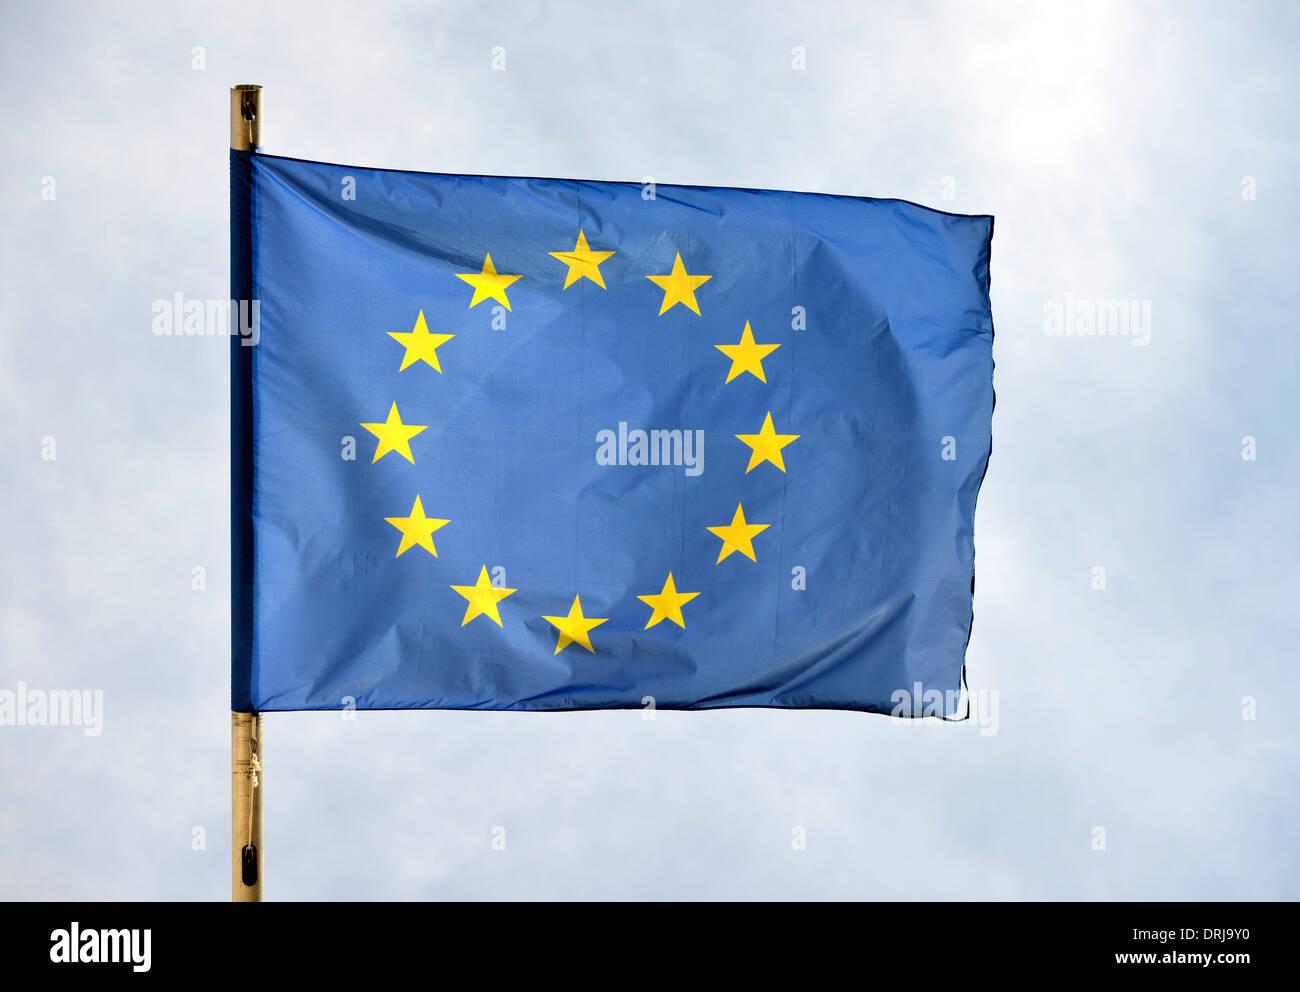 Europaflagge Brügge, Flandern, Belgien, Europa, Europa-Flagge Brügge, Flandern, Belgien, Europa Stockbild